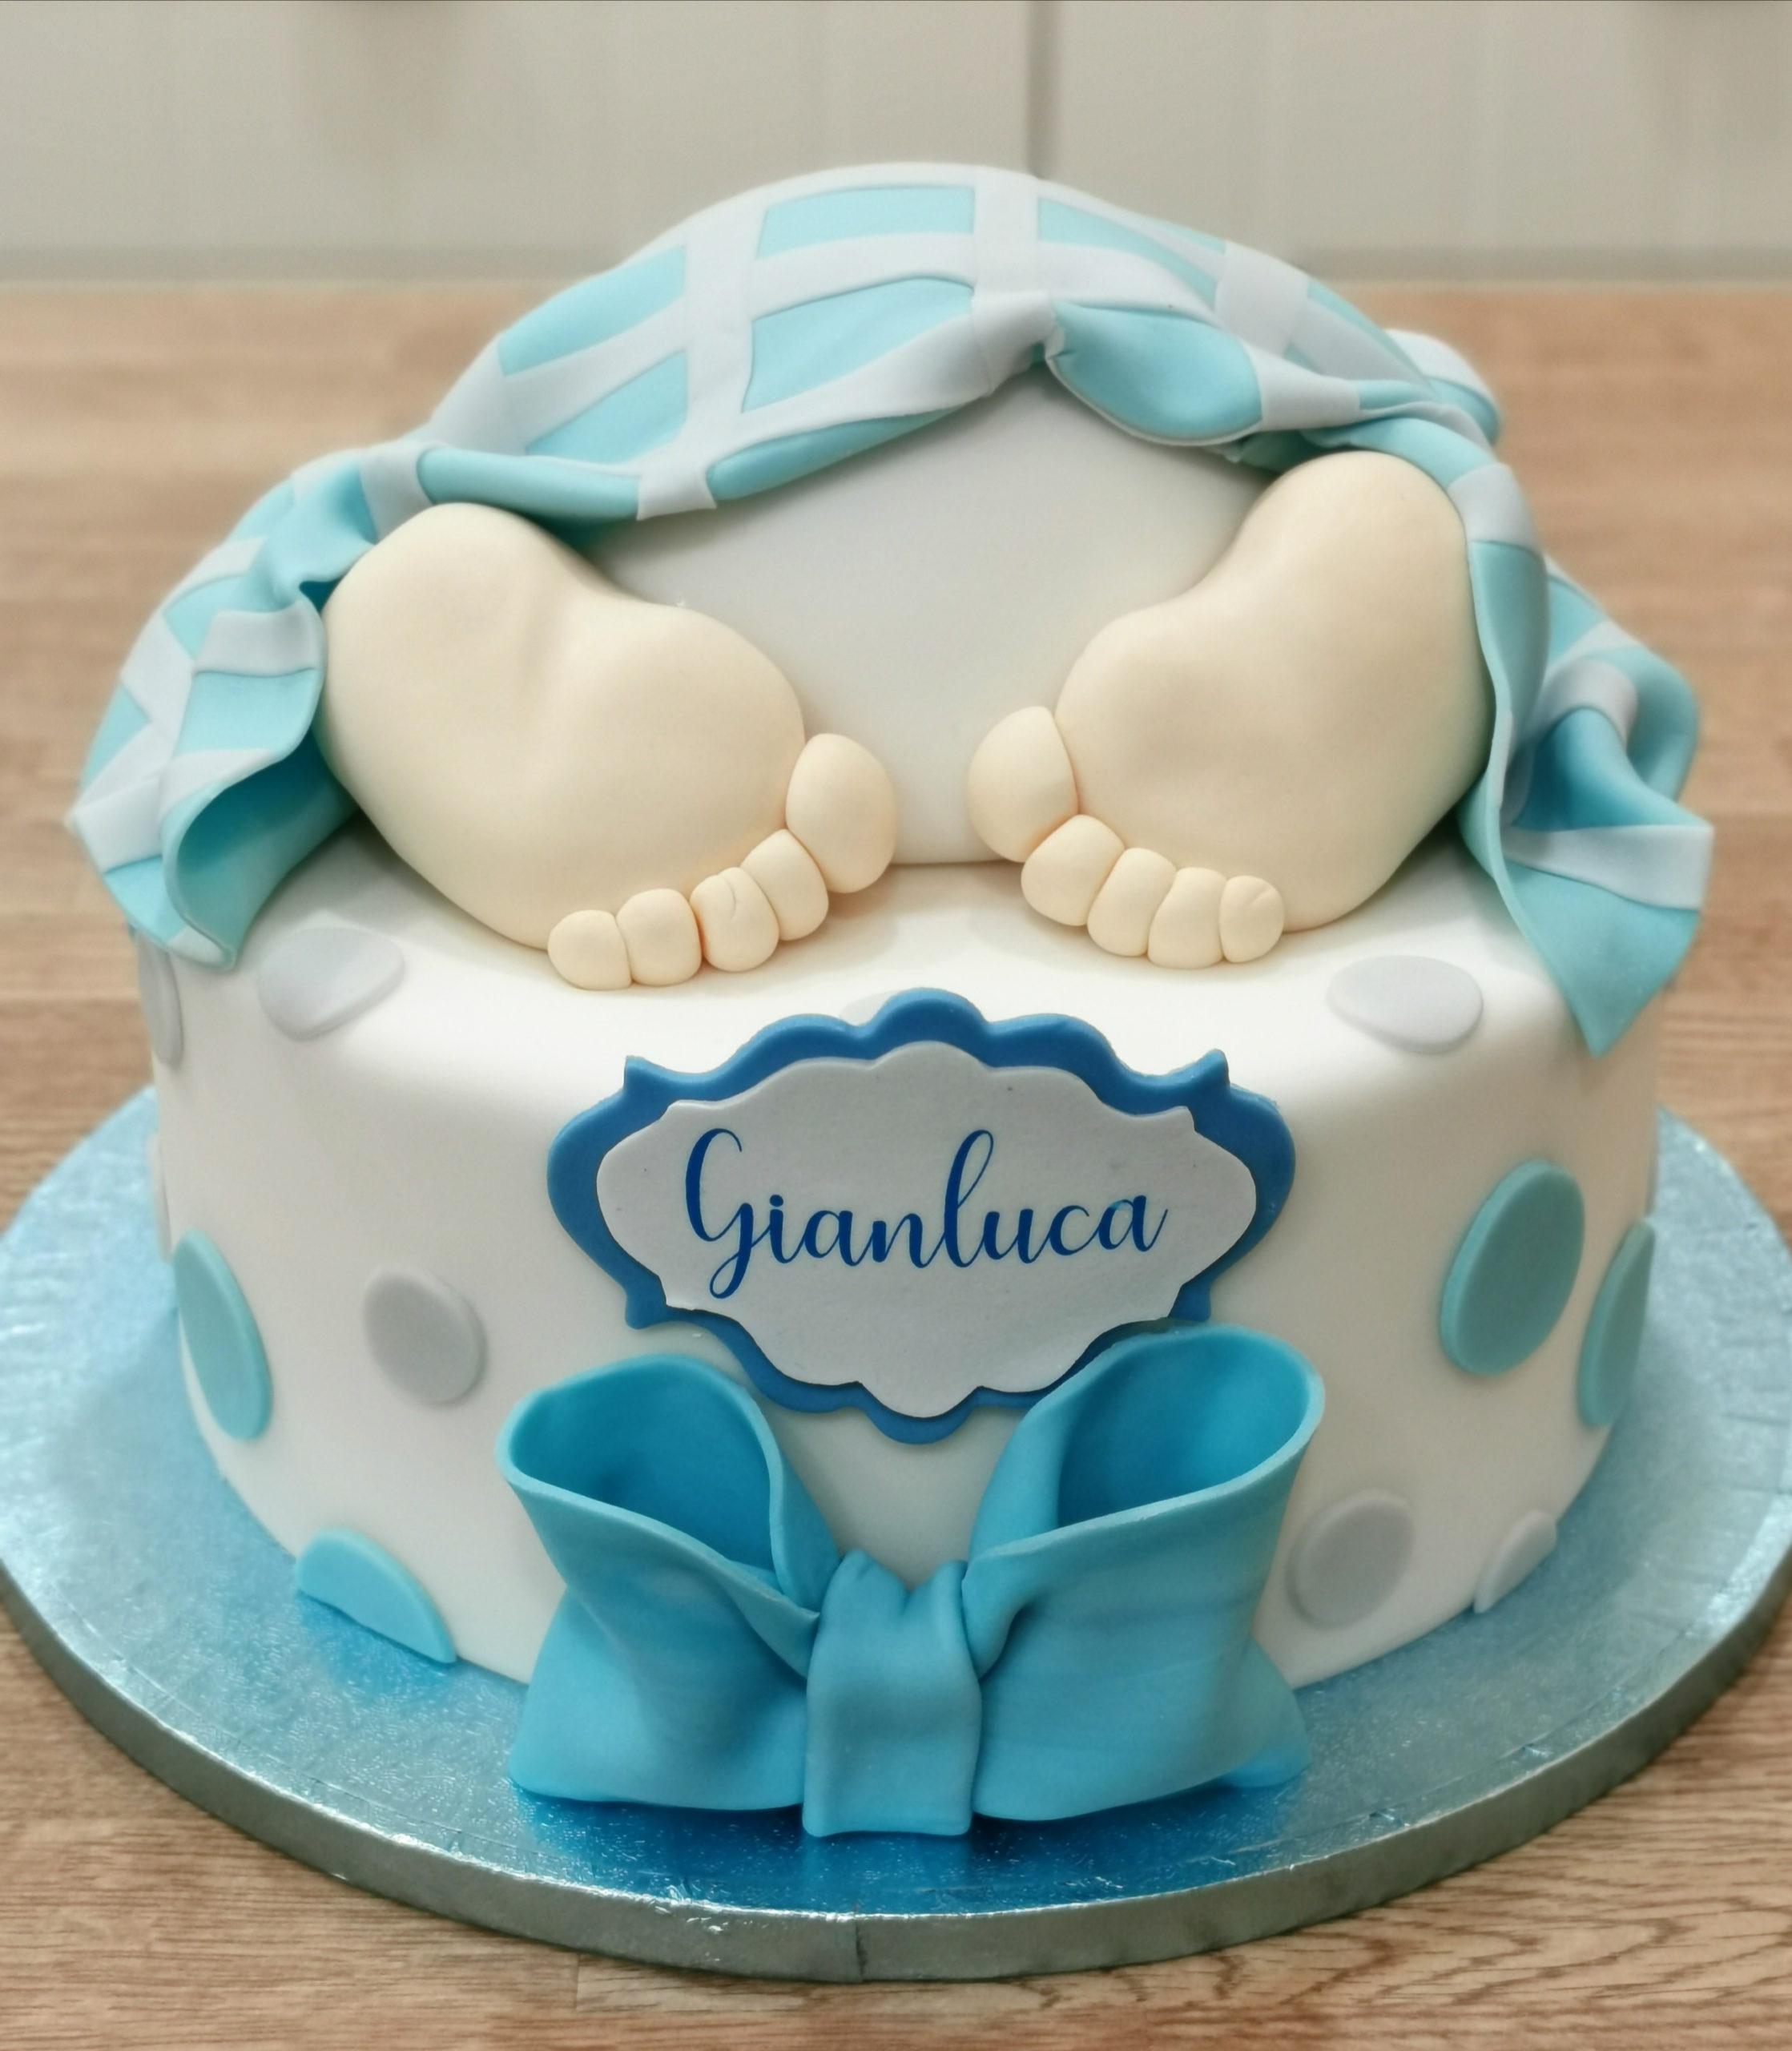 torta baby shower piedini neonato fiocco copertina